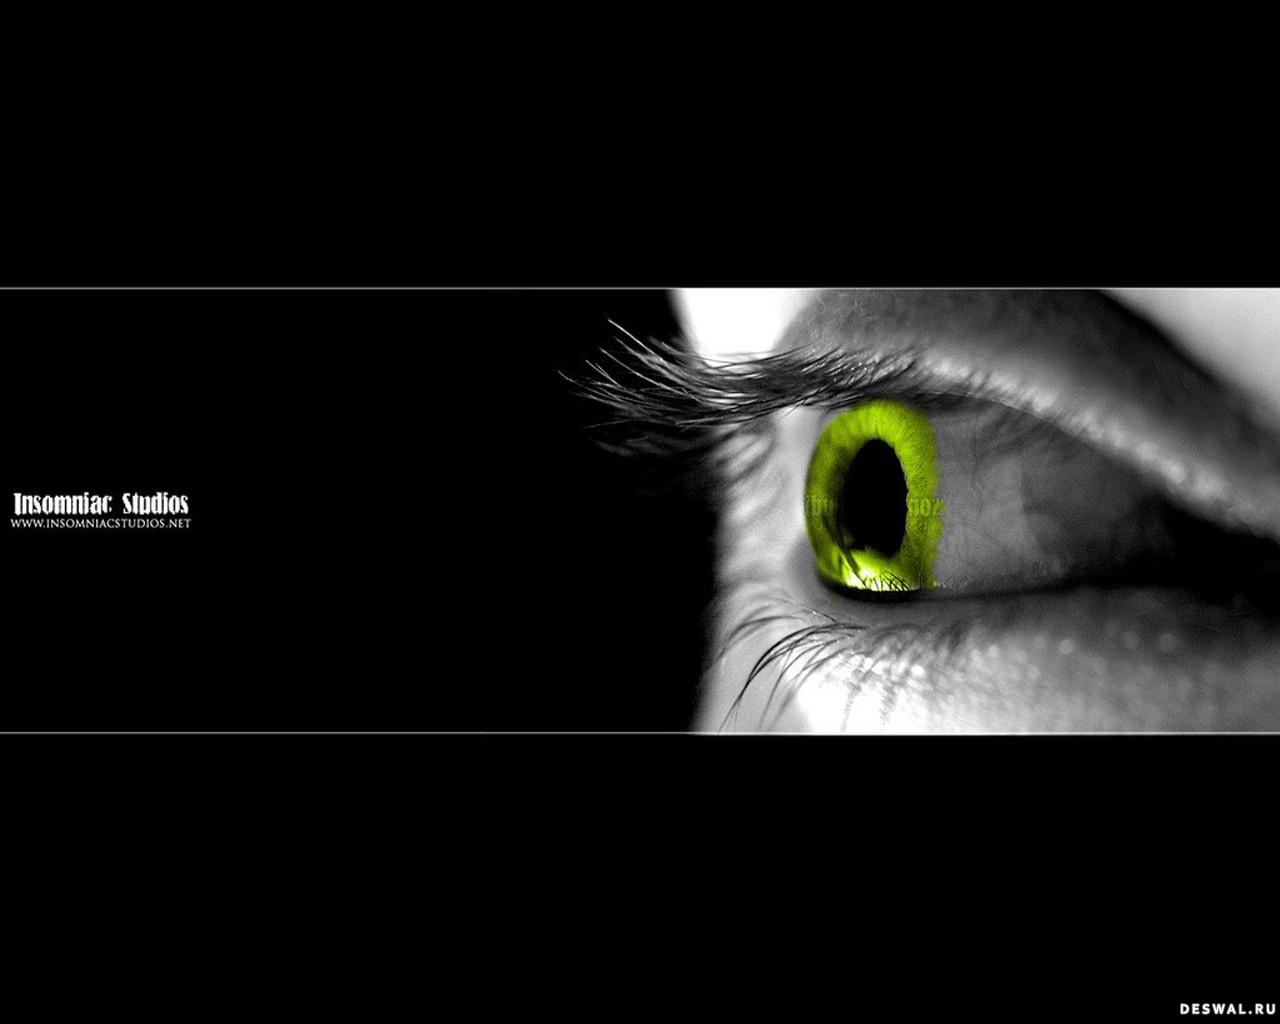 Фото 19.. Нажмите на картинку с обоями глаз, чтобы просмотреть ее в реальном размере